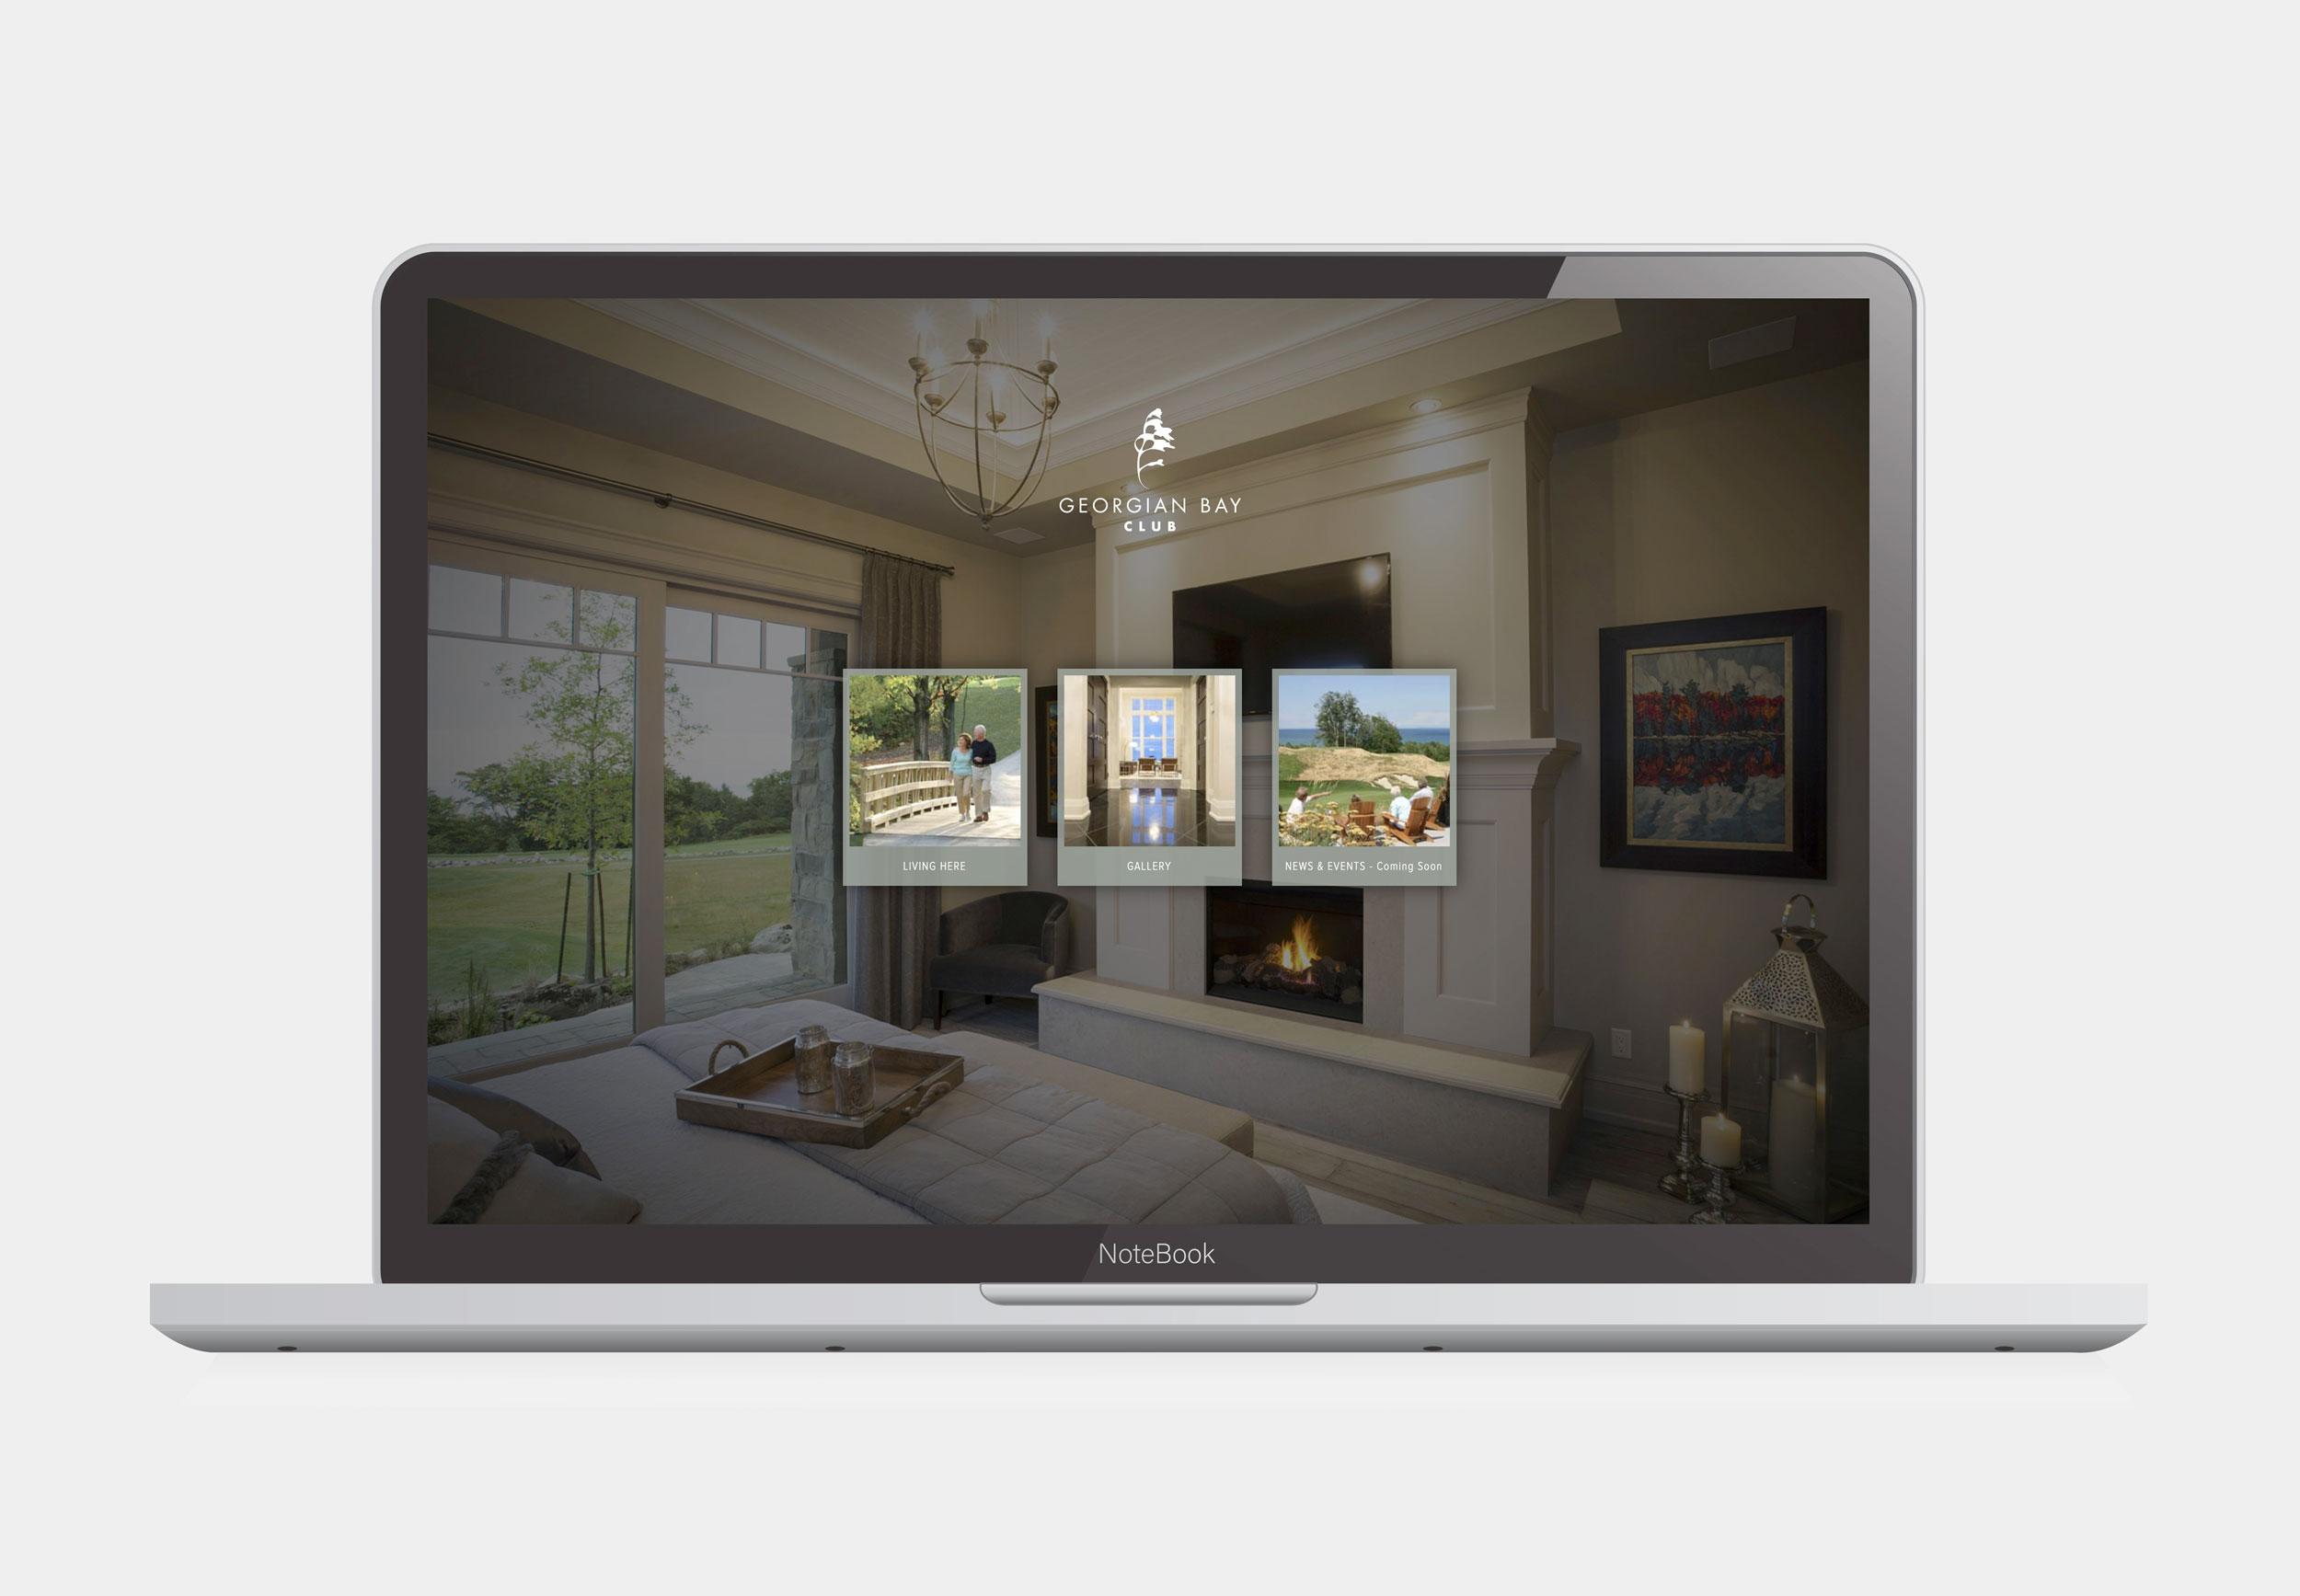 Home Builder Website Design – Georgian Bay Club Residences